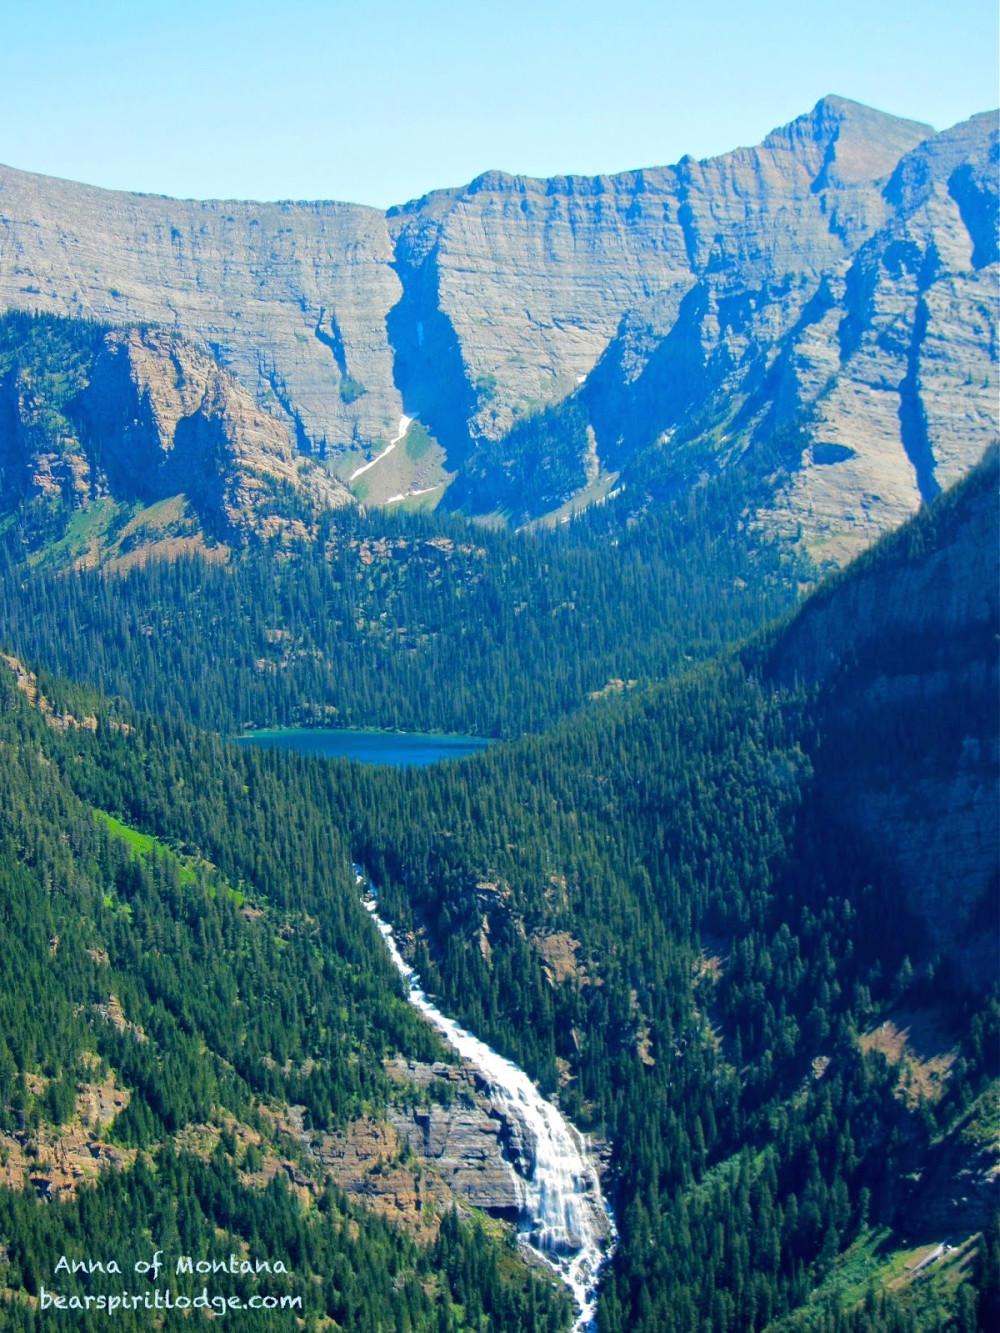 Mission Mountains, Waterfalls & Lucifer Lake  &  Bear Spirit Lodge B&B